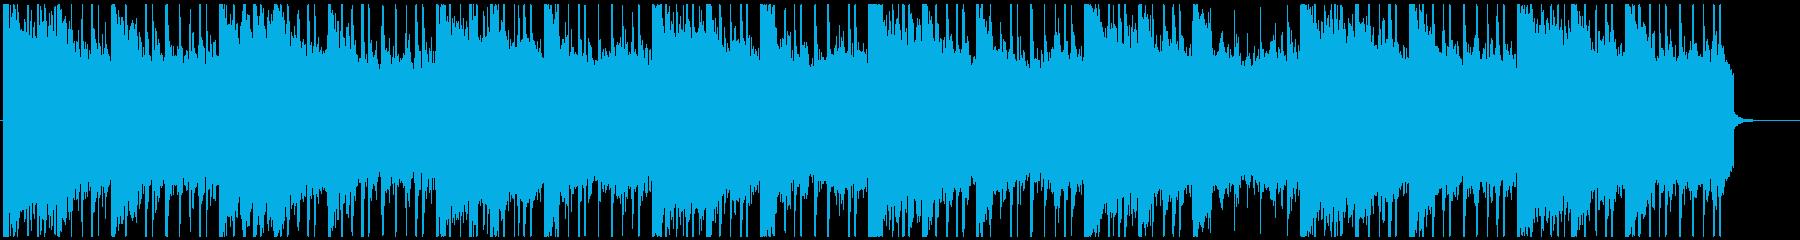 チルアウト 優しく優雅なR&Bの再生済みの波形